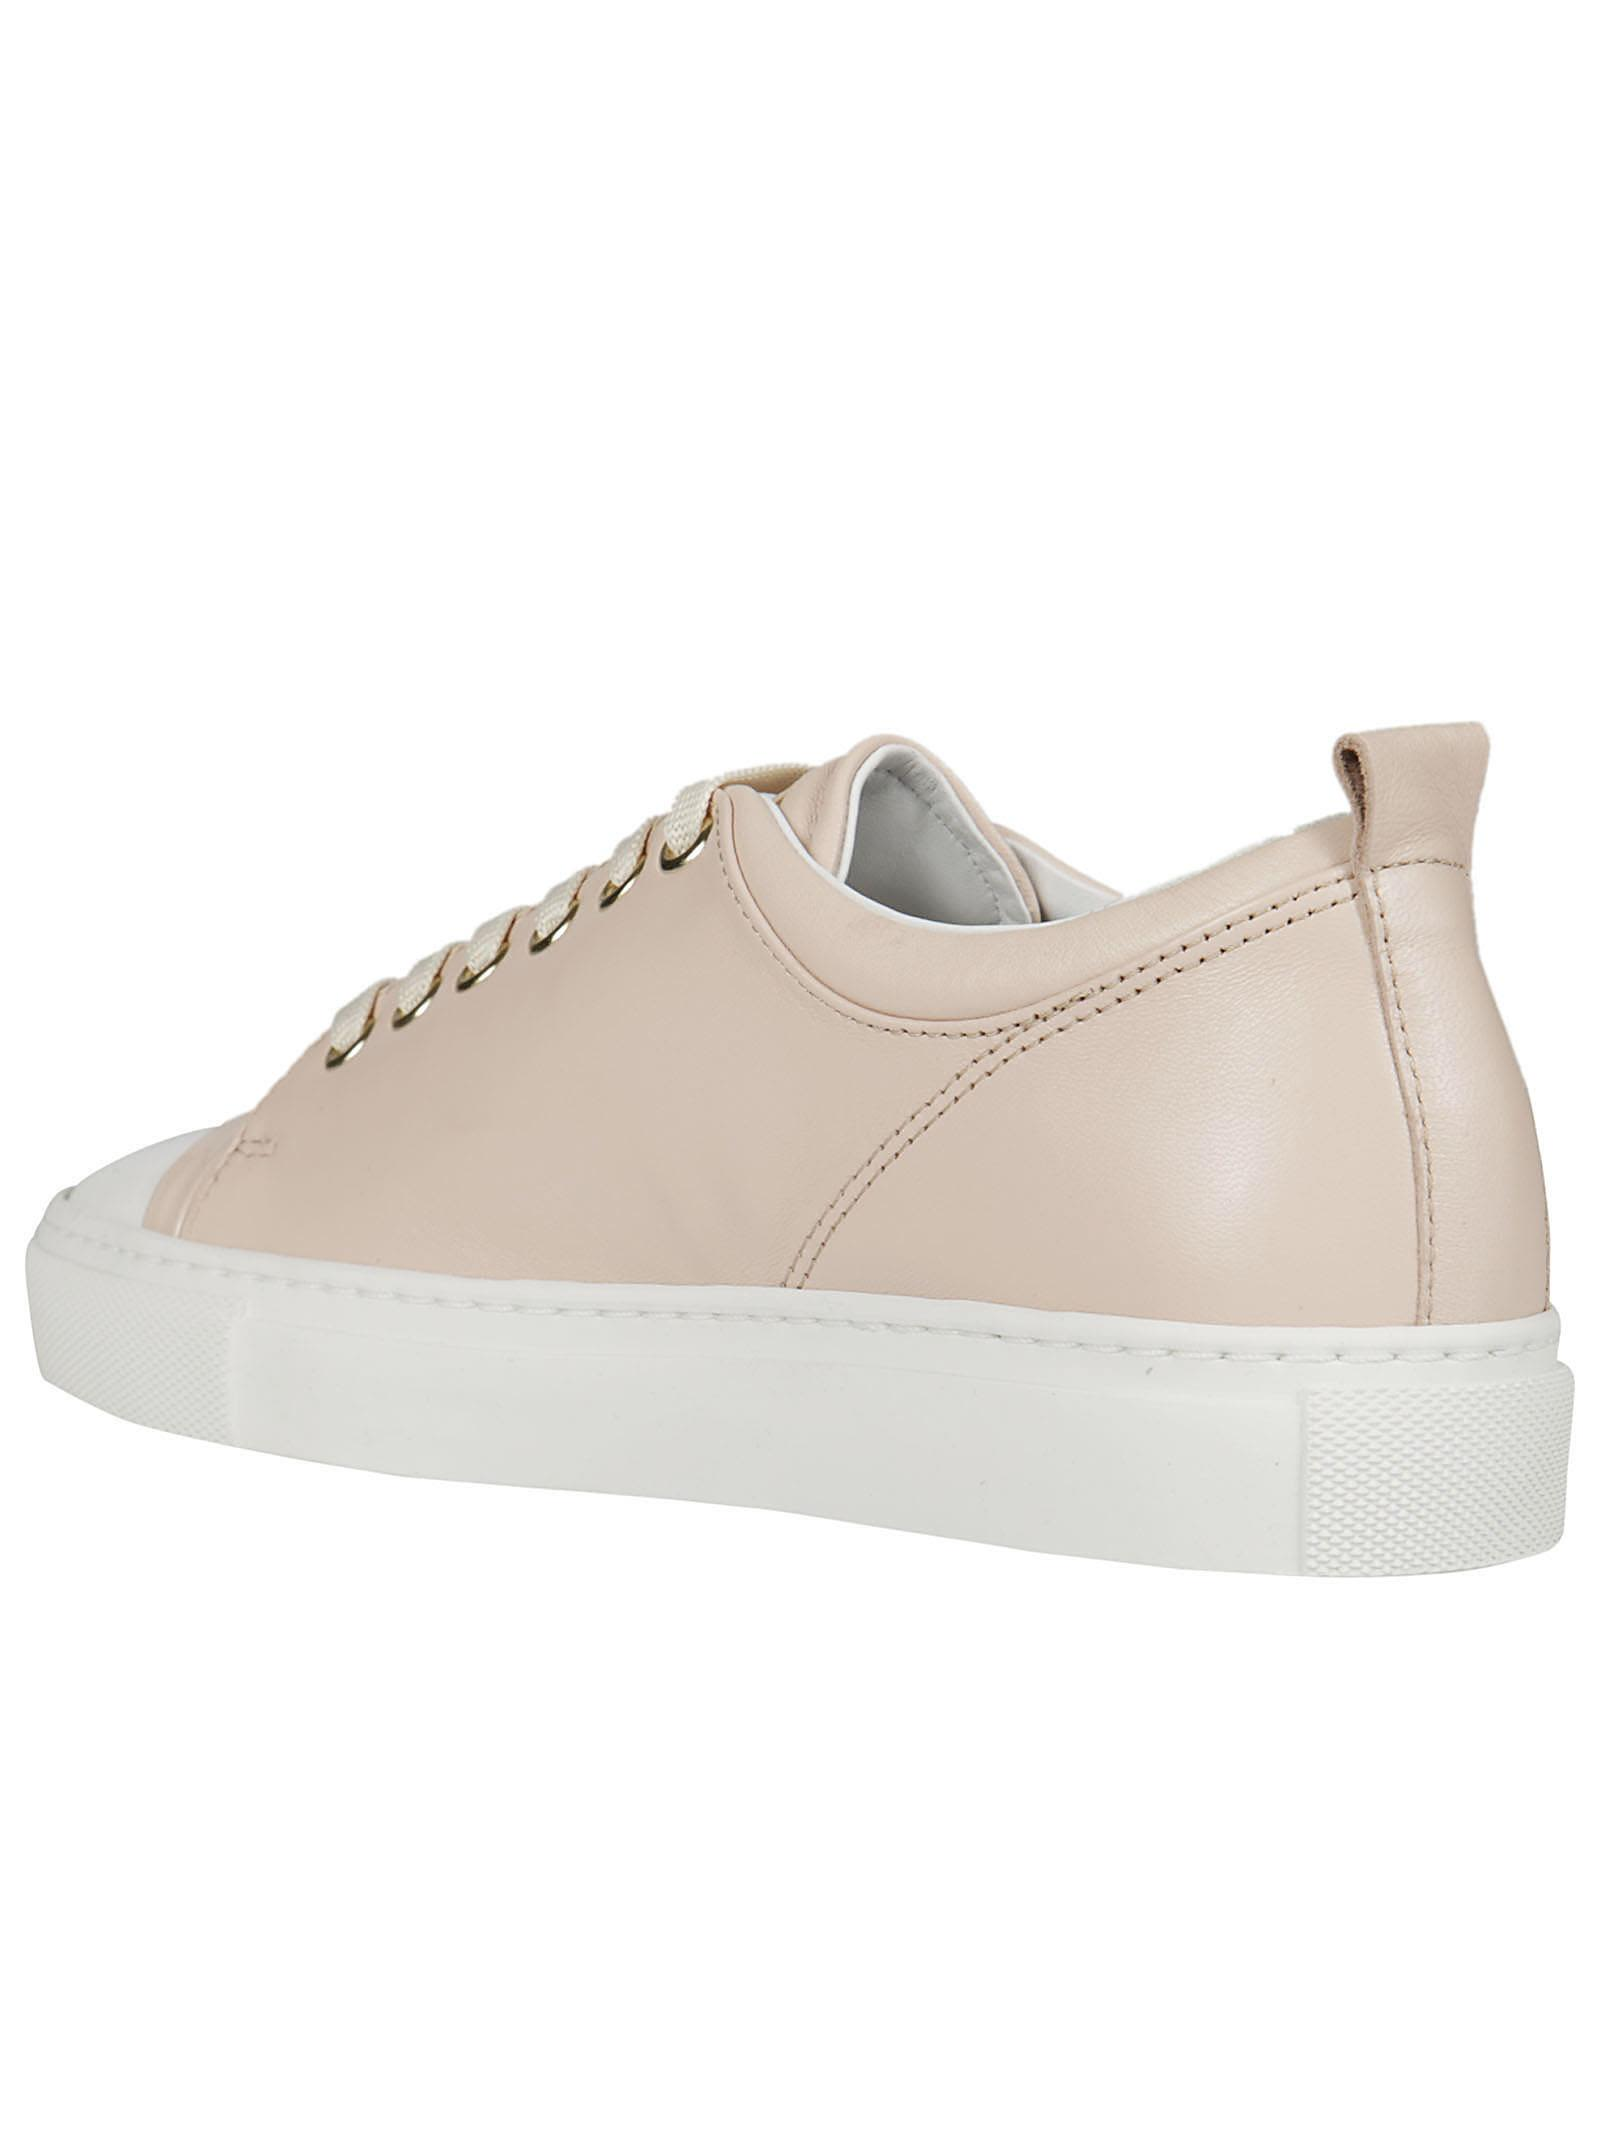 Lanvin - Lanvin Classic Sneakers, Women's Sneakers | Italist